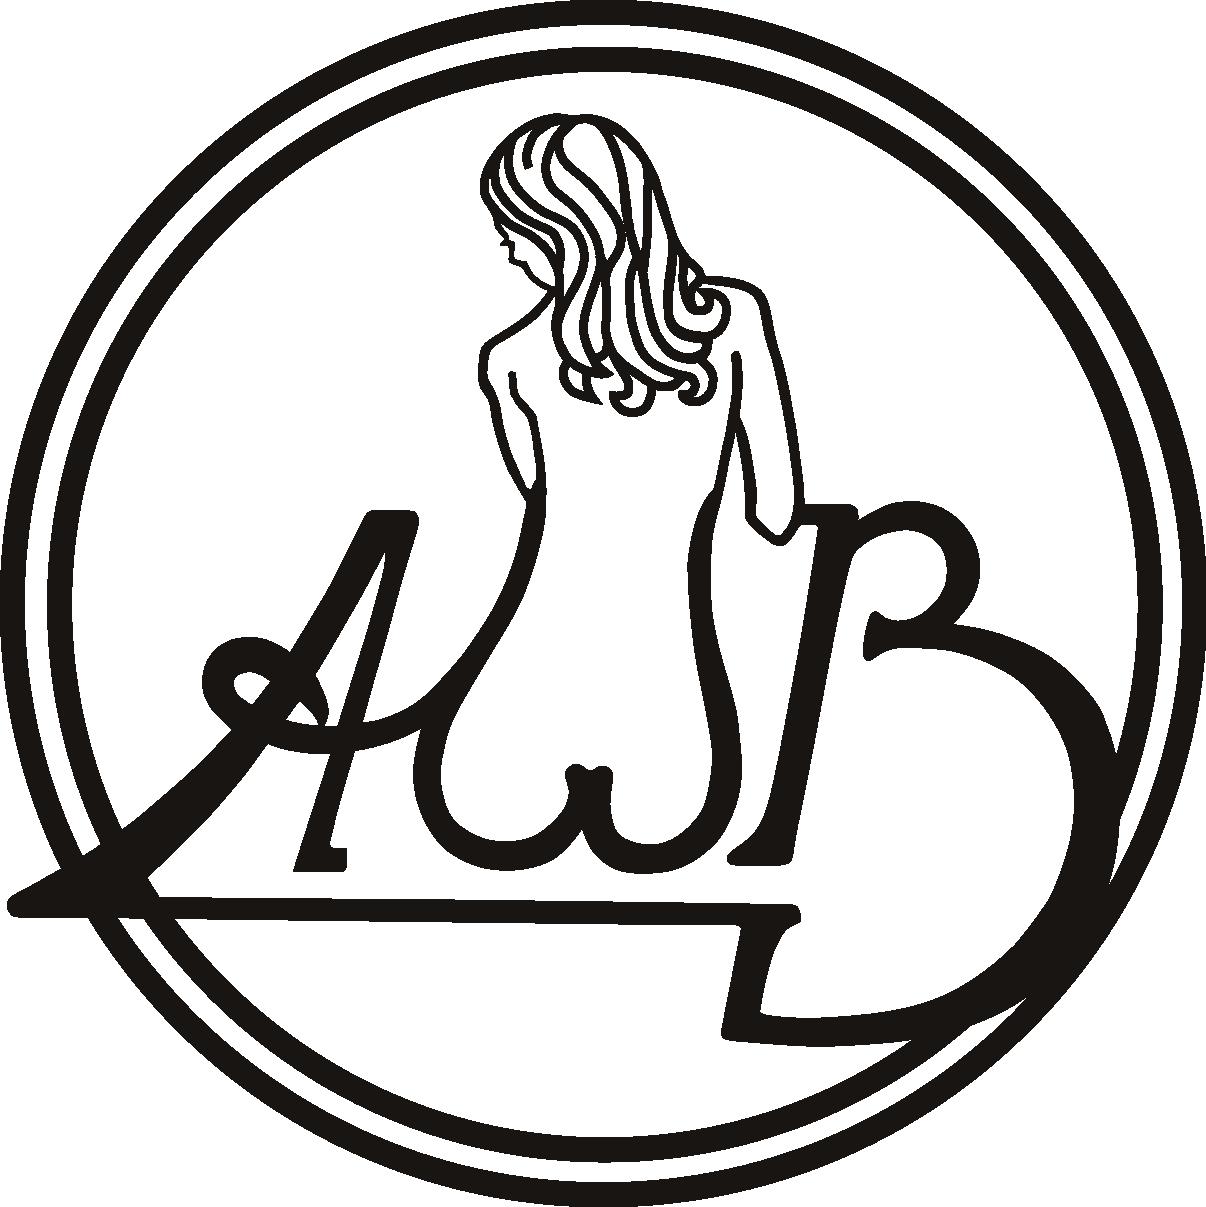 Logos de grupos - Página 3 AWB+MASTER+LOGO